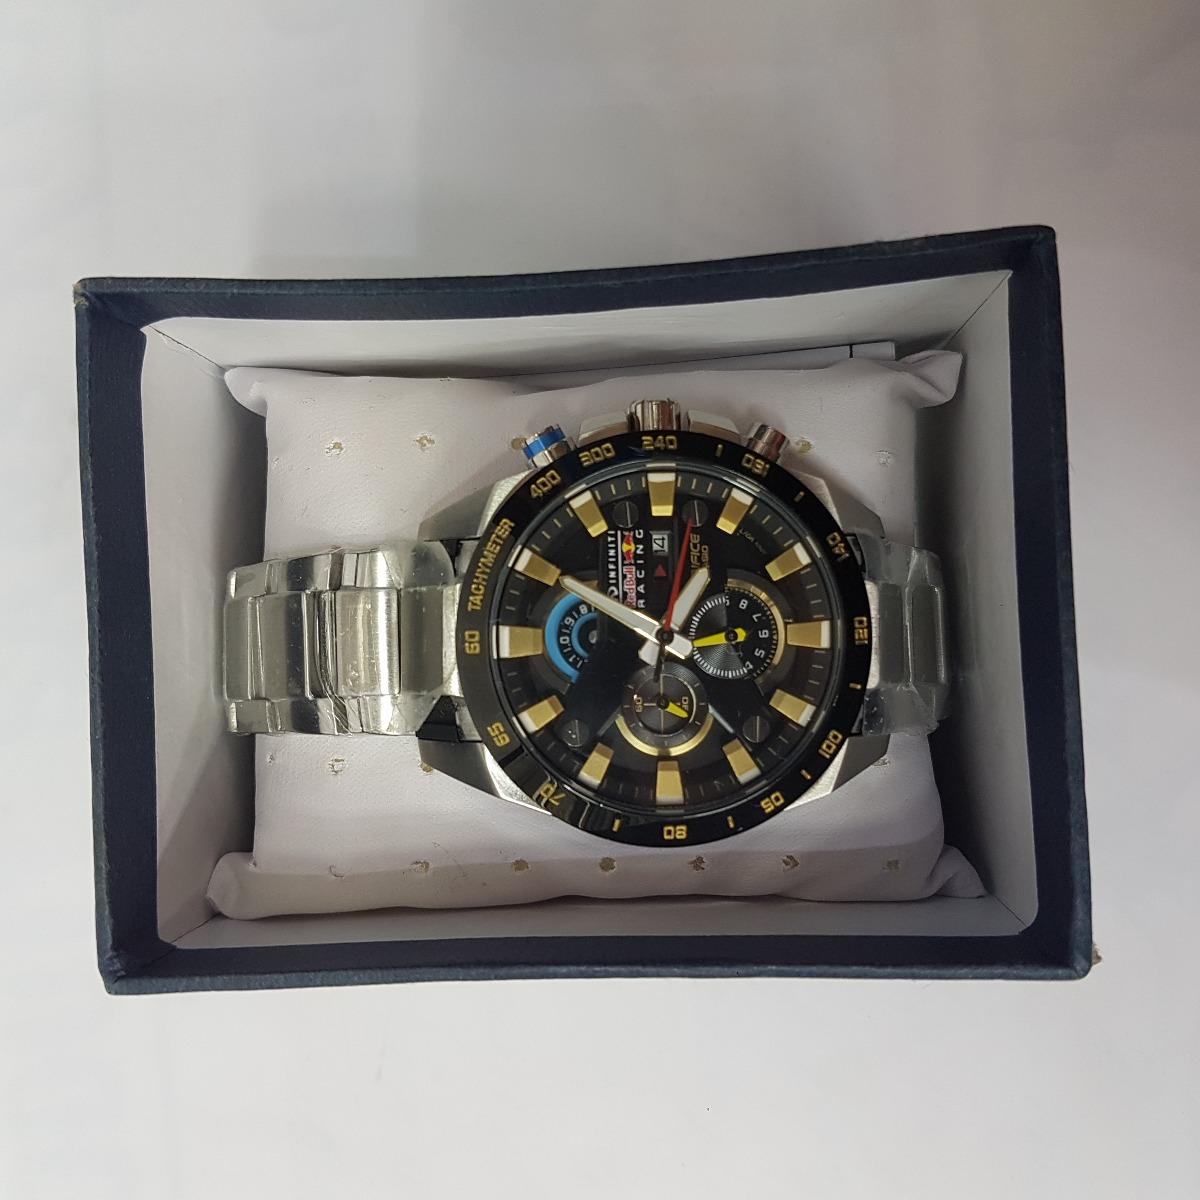 eba7e6183e73 Reloj Casio Edifice Edicion Especial Redbull Racing -   200.200 en ...